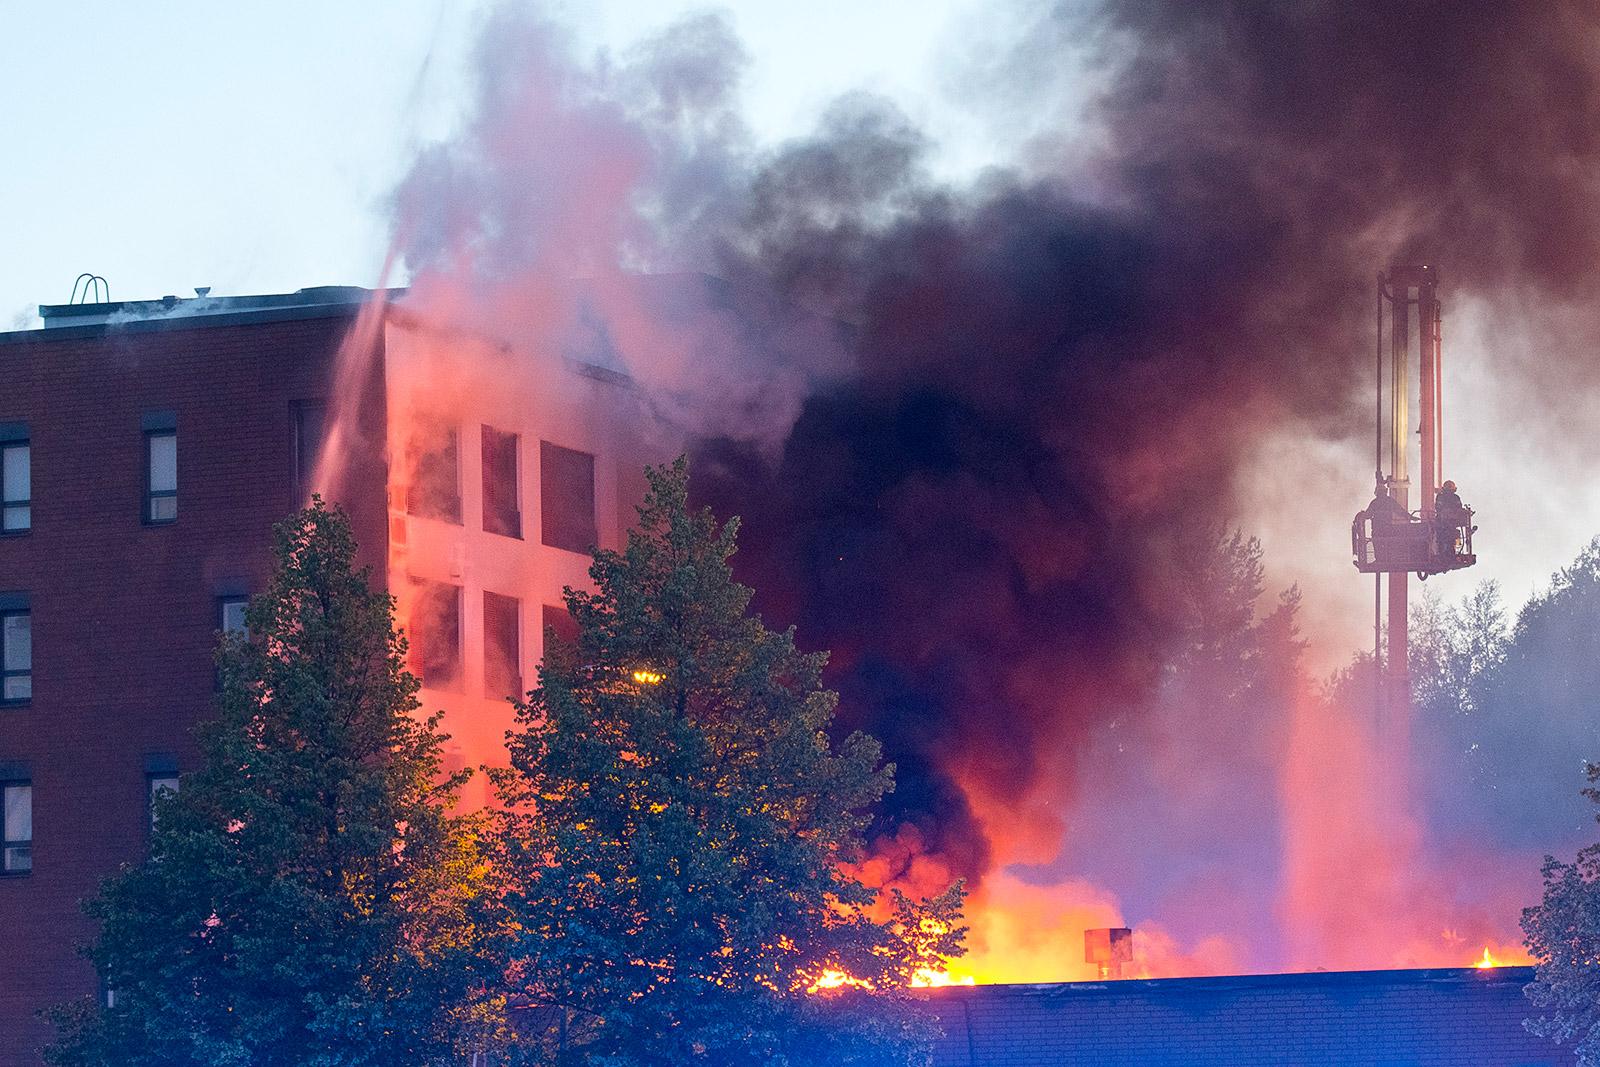 Kerrostalon ullakkopaloa luultiin jo sammutetuksi, kunnes sen pirullinen temppu räjähti käsiin. Palavasta rakennuskompleksista evakuoitiin 168 asukasta, kukaan heistä ei loukkaantunut. Kuva: Jari Laine/Color-Kuva Oy.